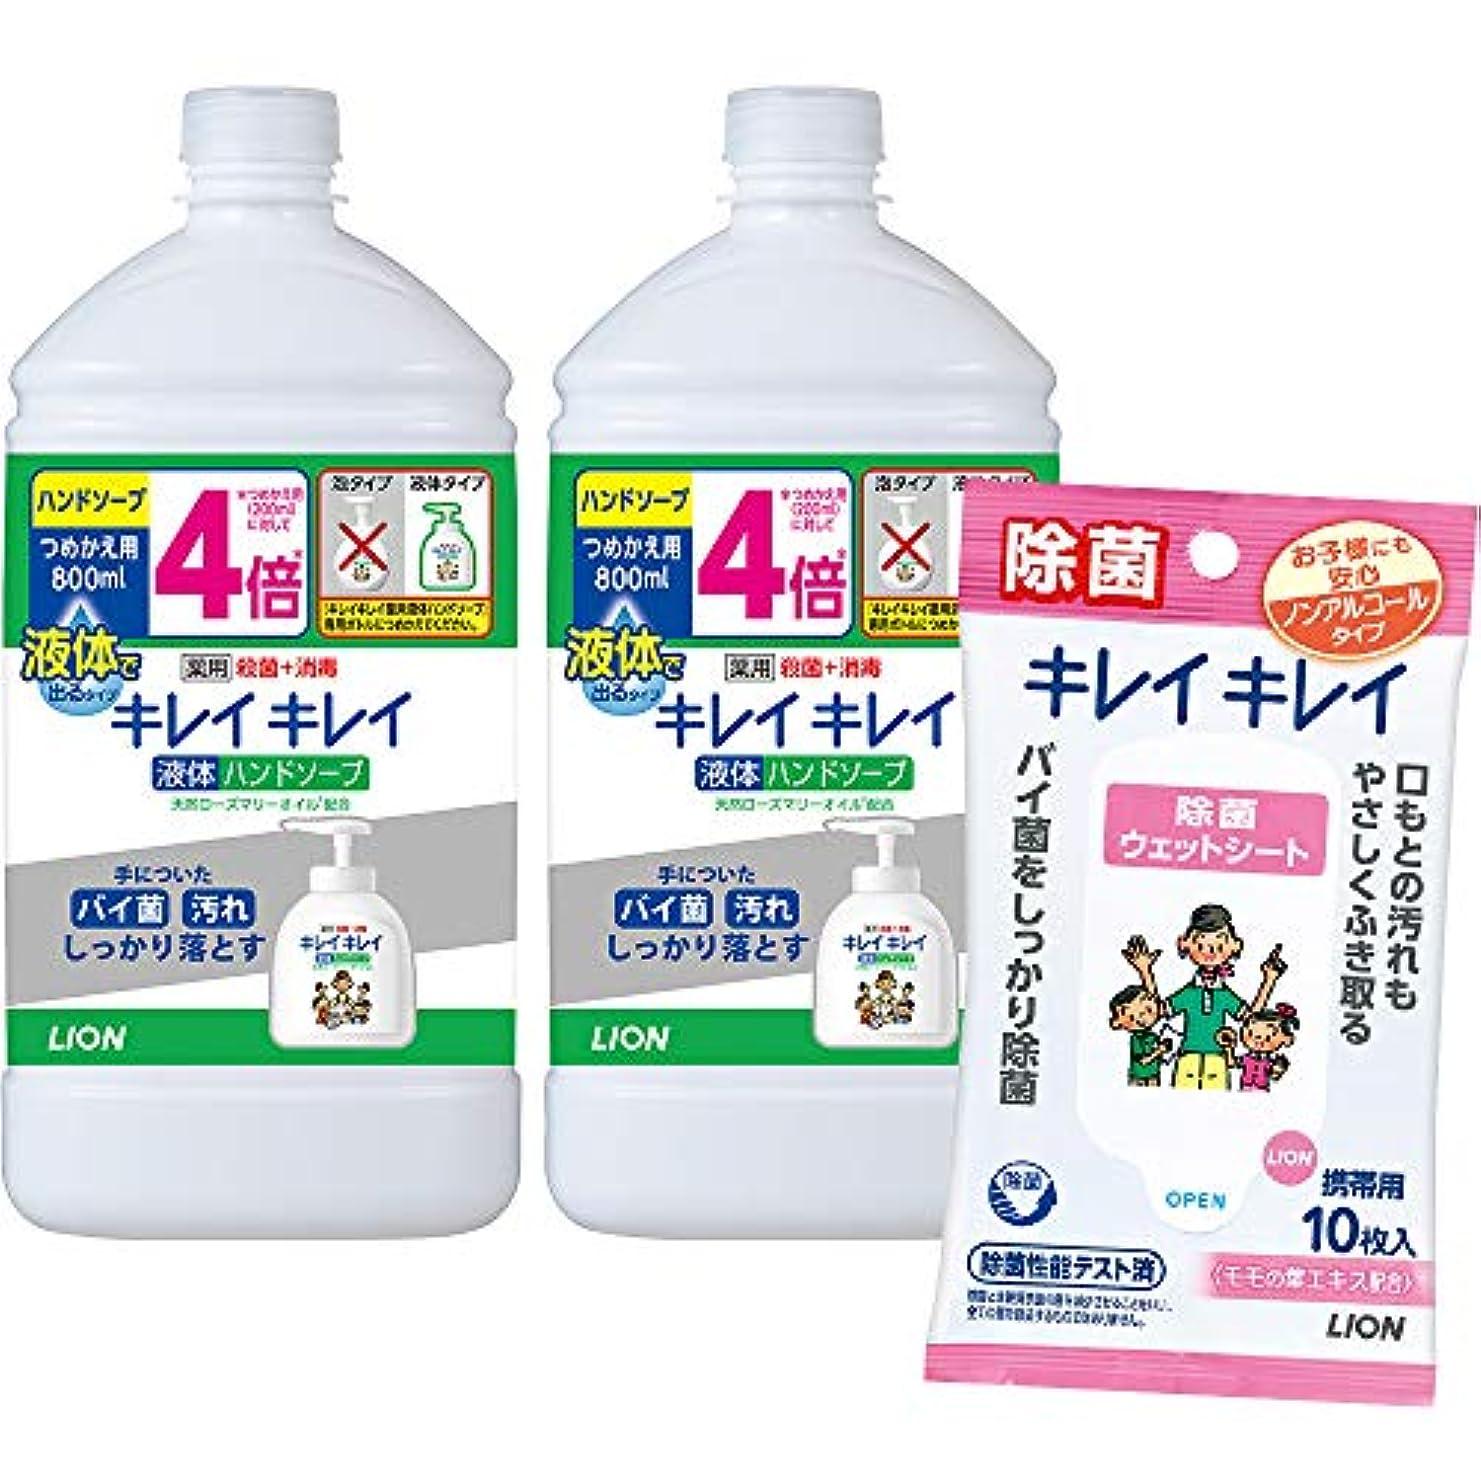 (医薬部外品)【Amazon.co.jp限定】キレイキレイ 薬用 液体ハンドソープ 詰替特大 800ml×2個 除菌シート付